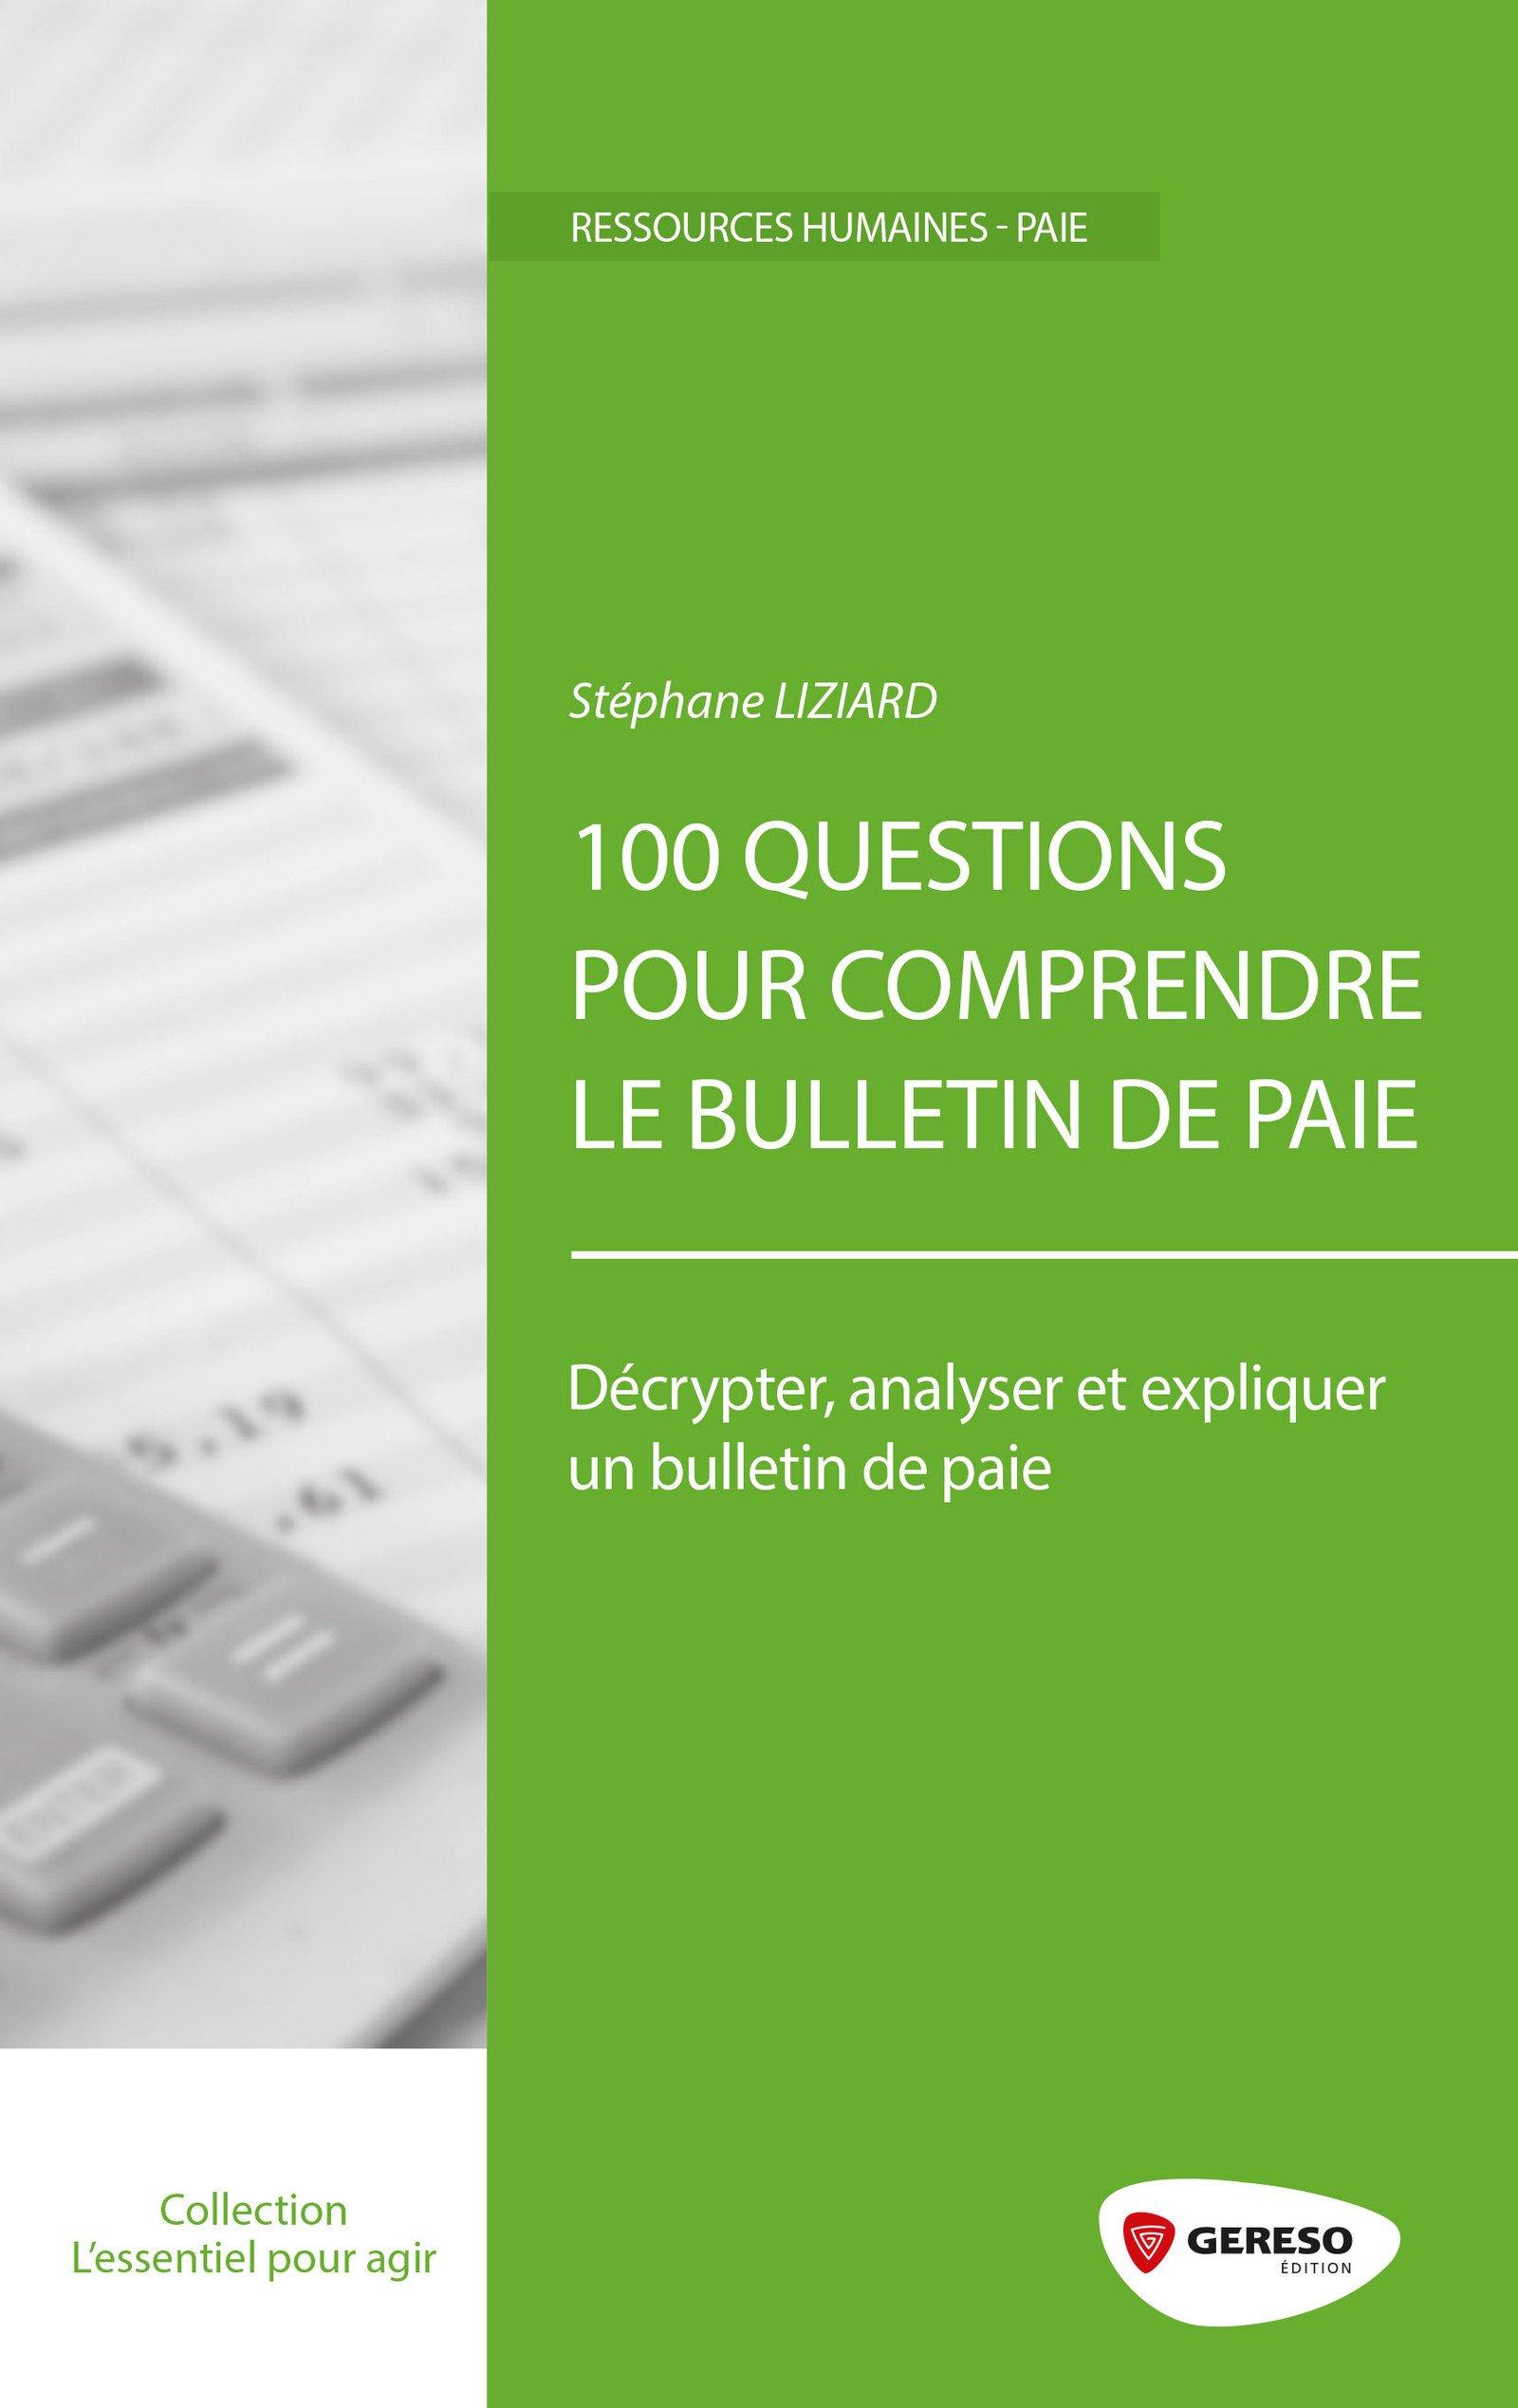 100 questions pour comprendre le bulletin de paie: Décrypter, analyser et expliquer un bulletin de paie Broché – 17 février 2017 Stéphane Liziard Gereso 235953436X Entreprise